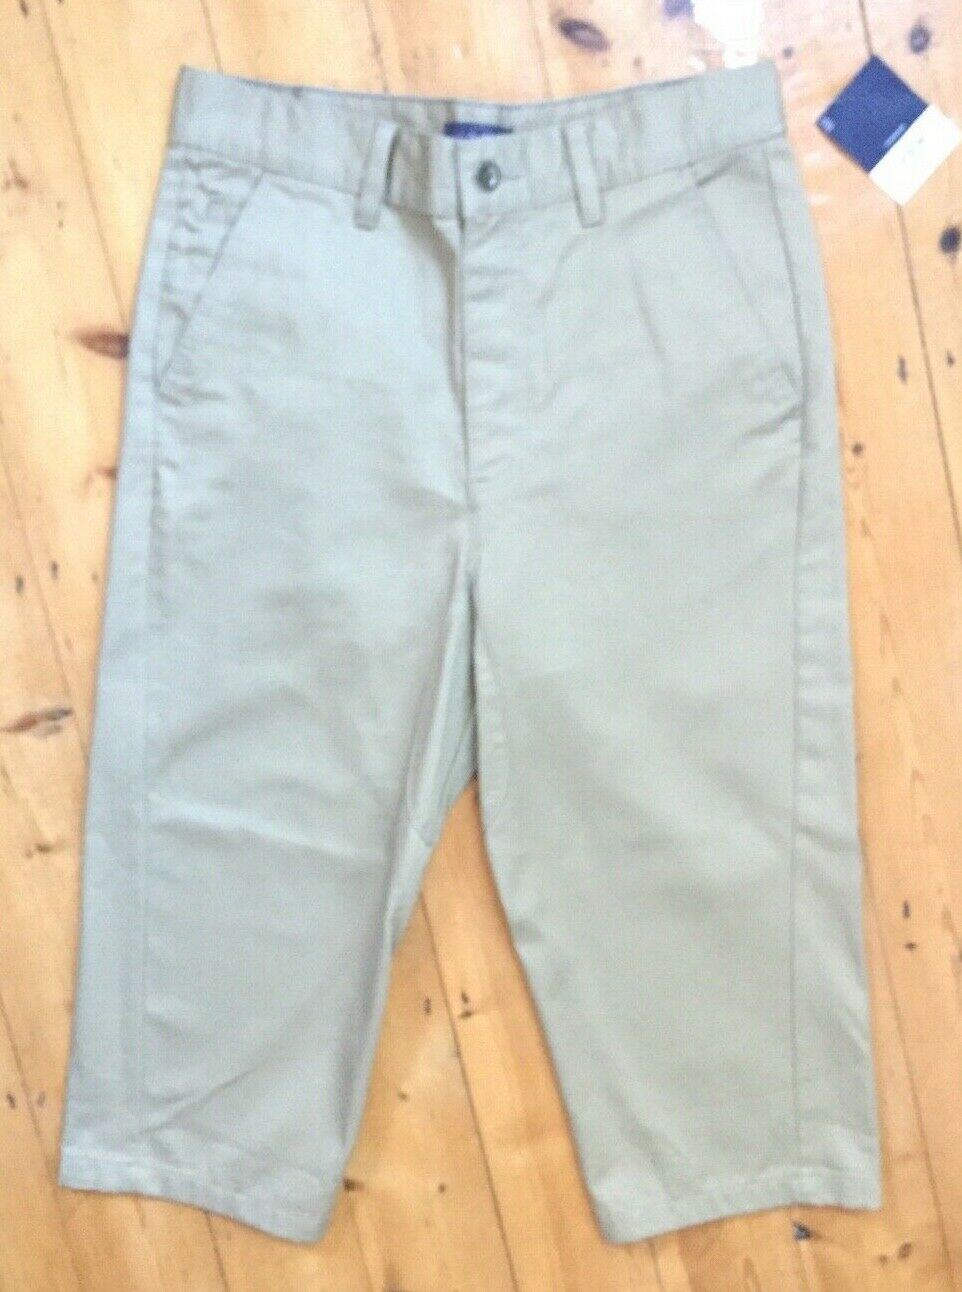 Topman 'ejército' Pantalones Cortos Cintura - 30-longitud 30-Nuevo con etiquetas